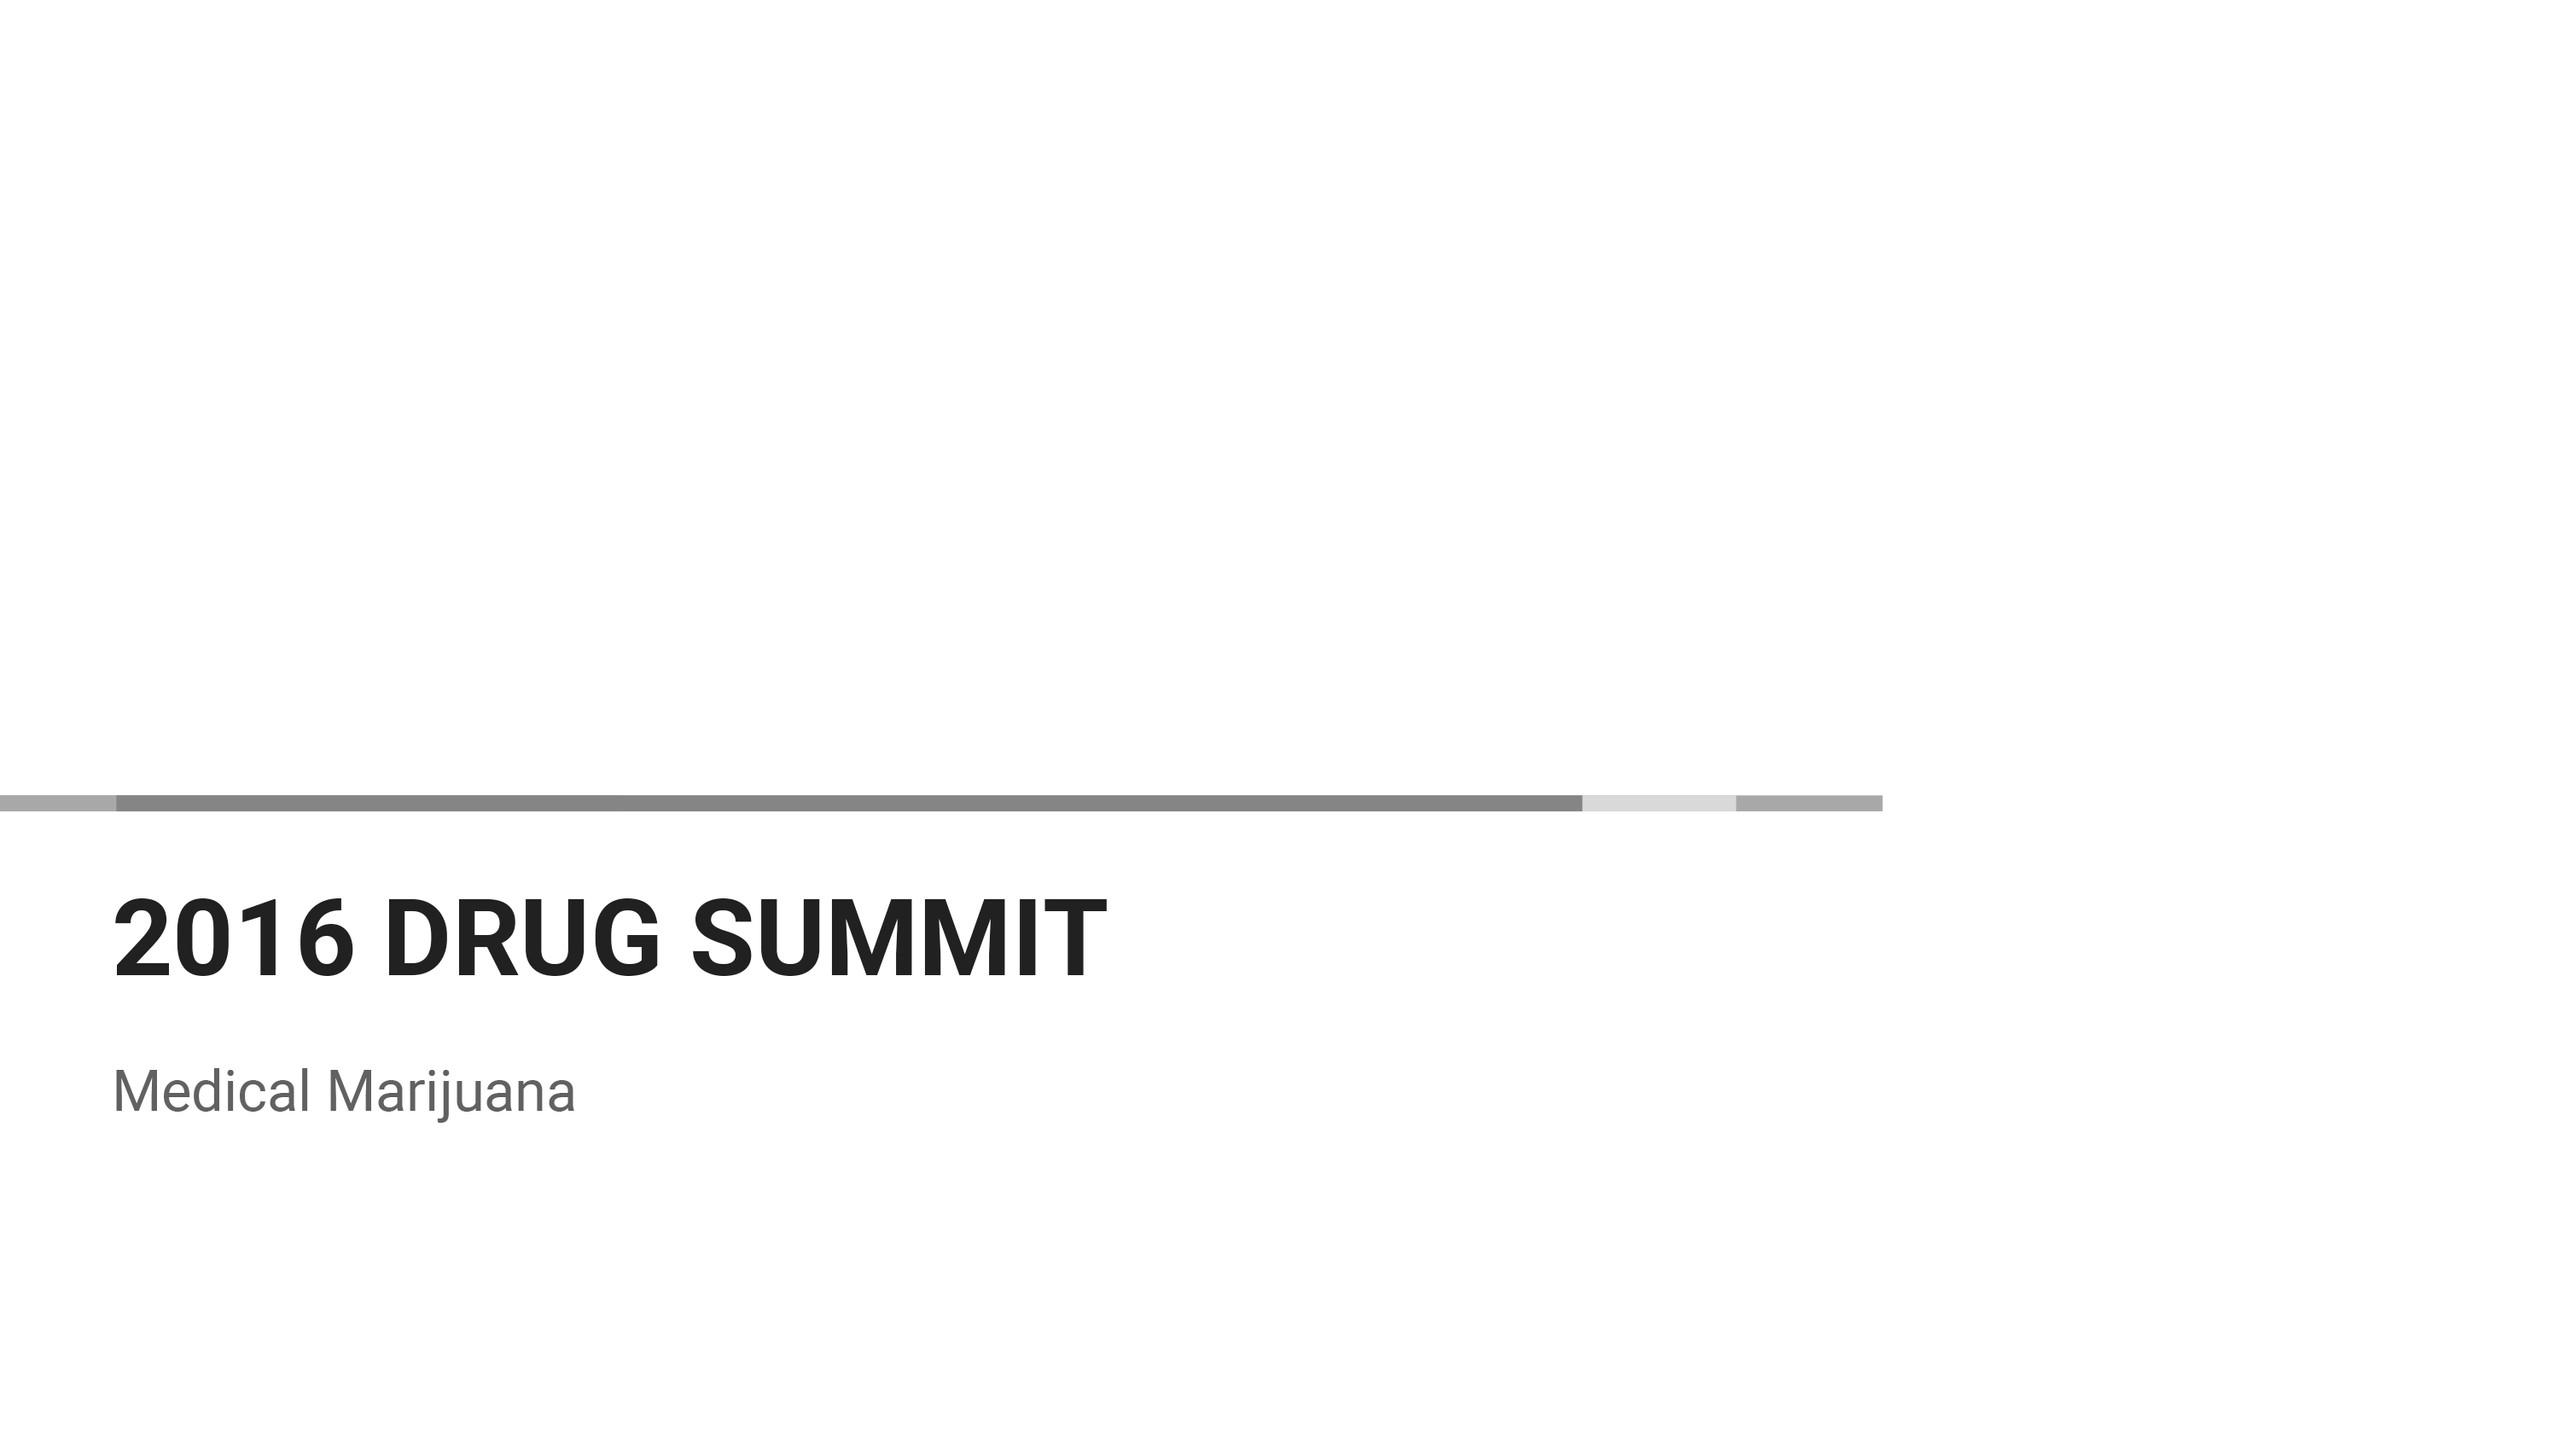 2016+DRUG+SUMMIT-1